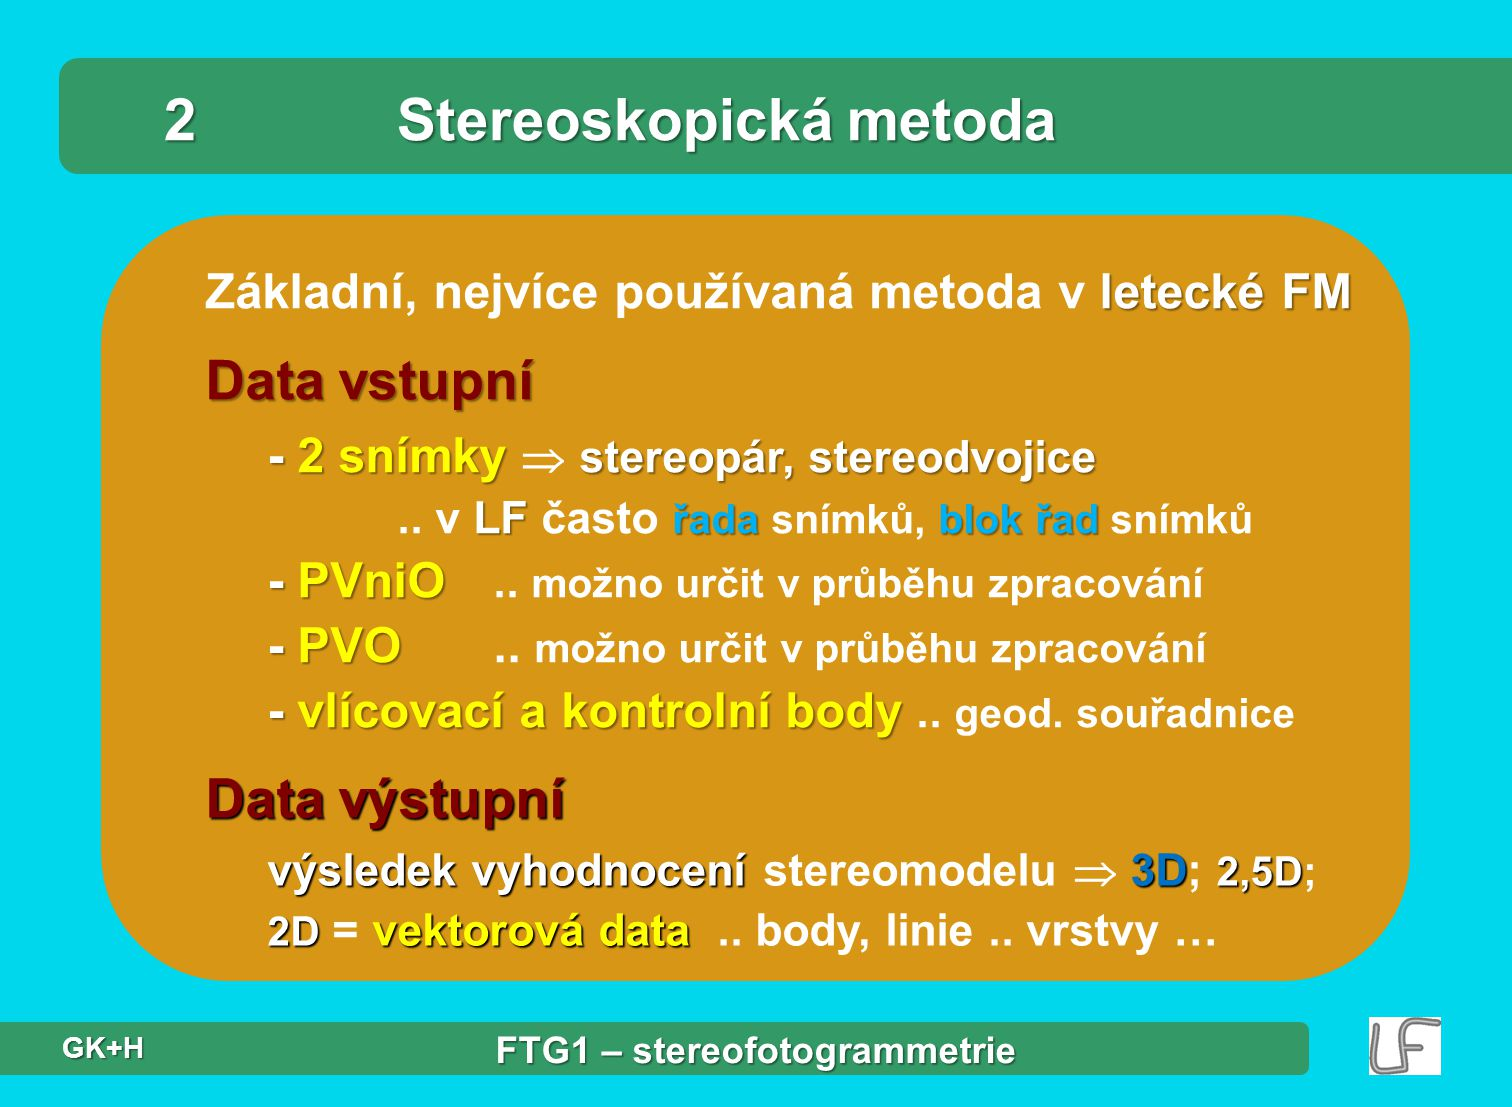 2 Stereoskopická metoda